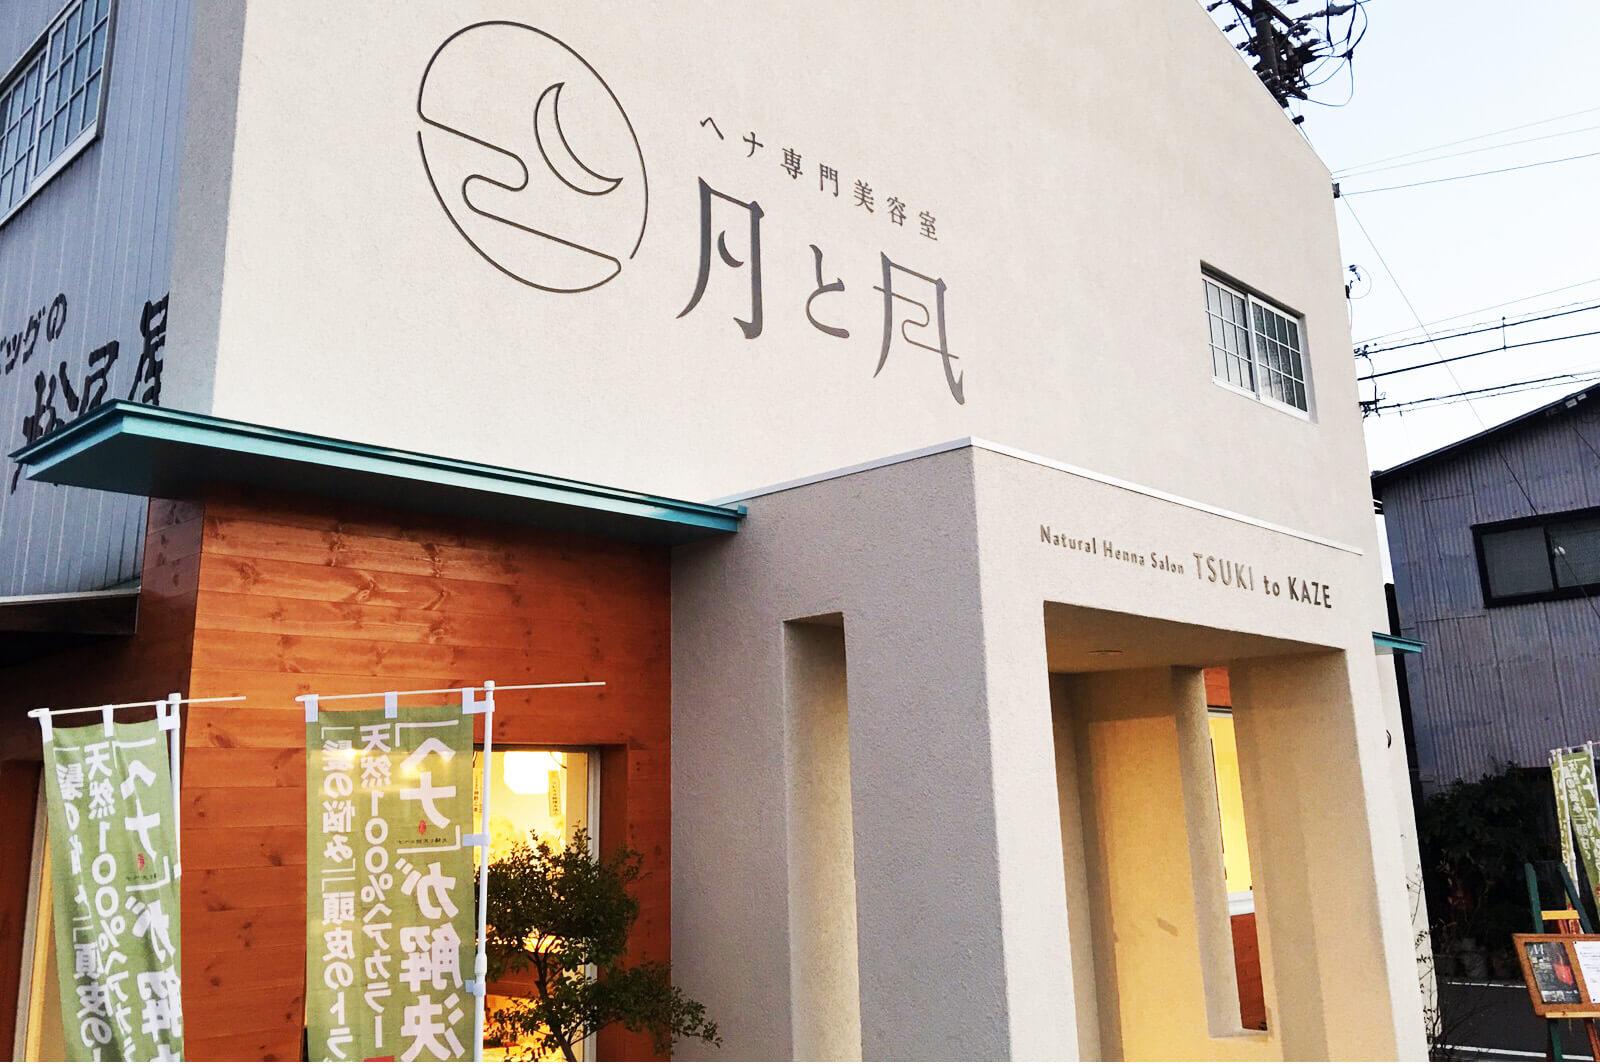 月と風3 - 岐阜市の美容室様の看板施工を担当させて頂きました。